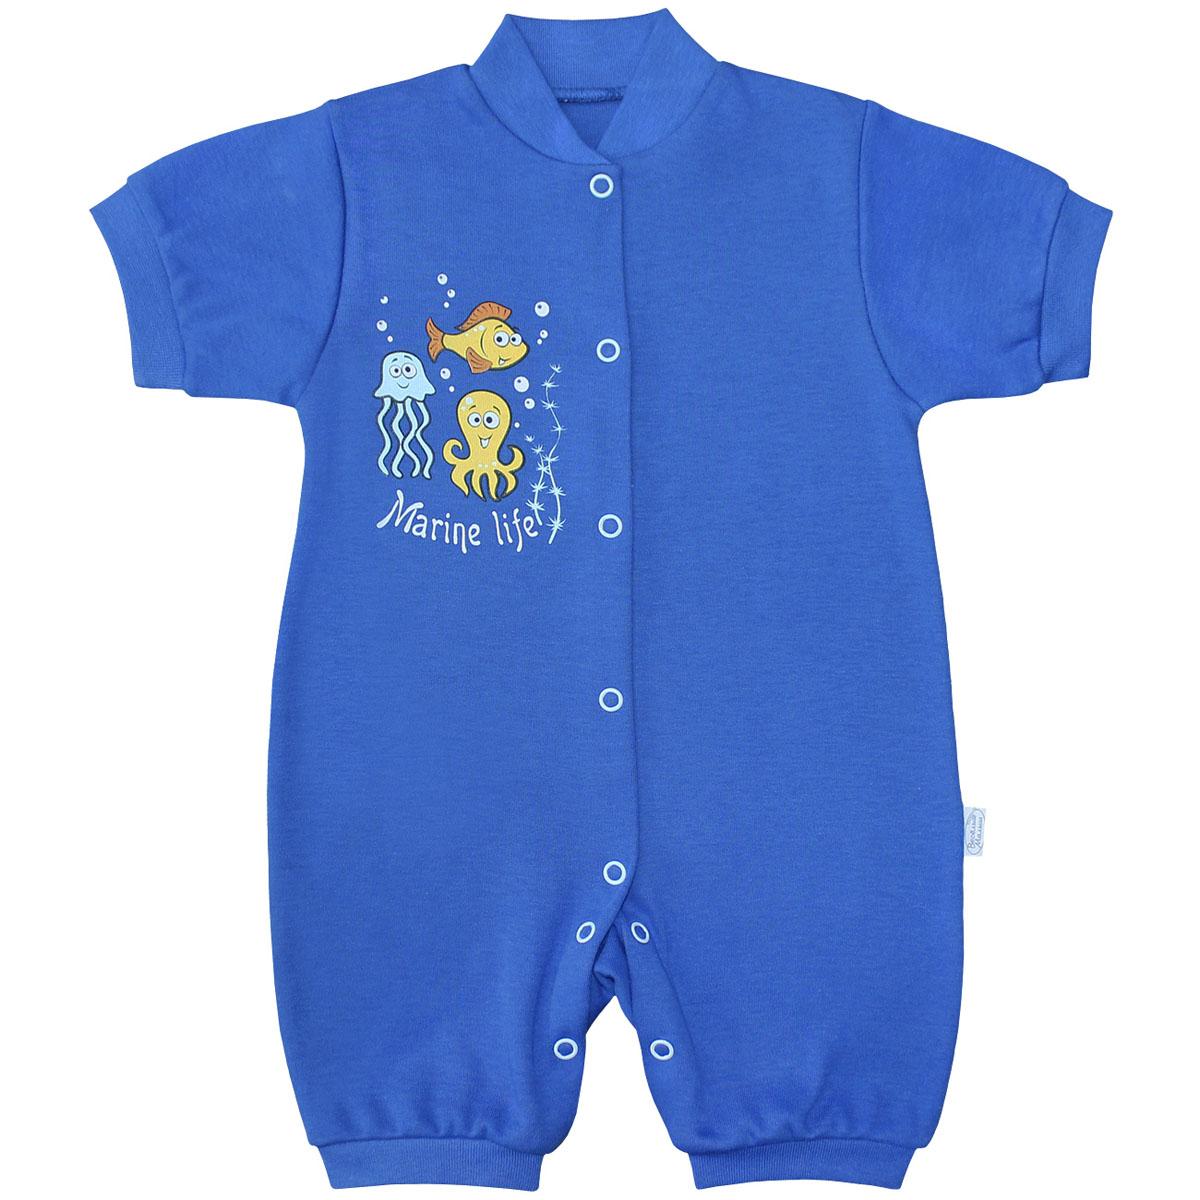 Комбинезон домашний для мальчика Веселый малыш Морская жизнь, цвет: синий. 52322/мж-B (1). Размер 62 комбинезоны и полукомбинезоны веселый малыш комбинезон олени 51142